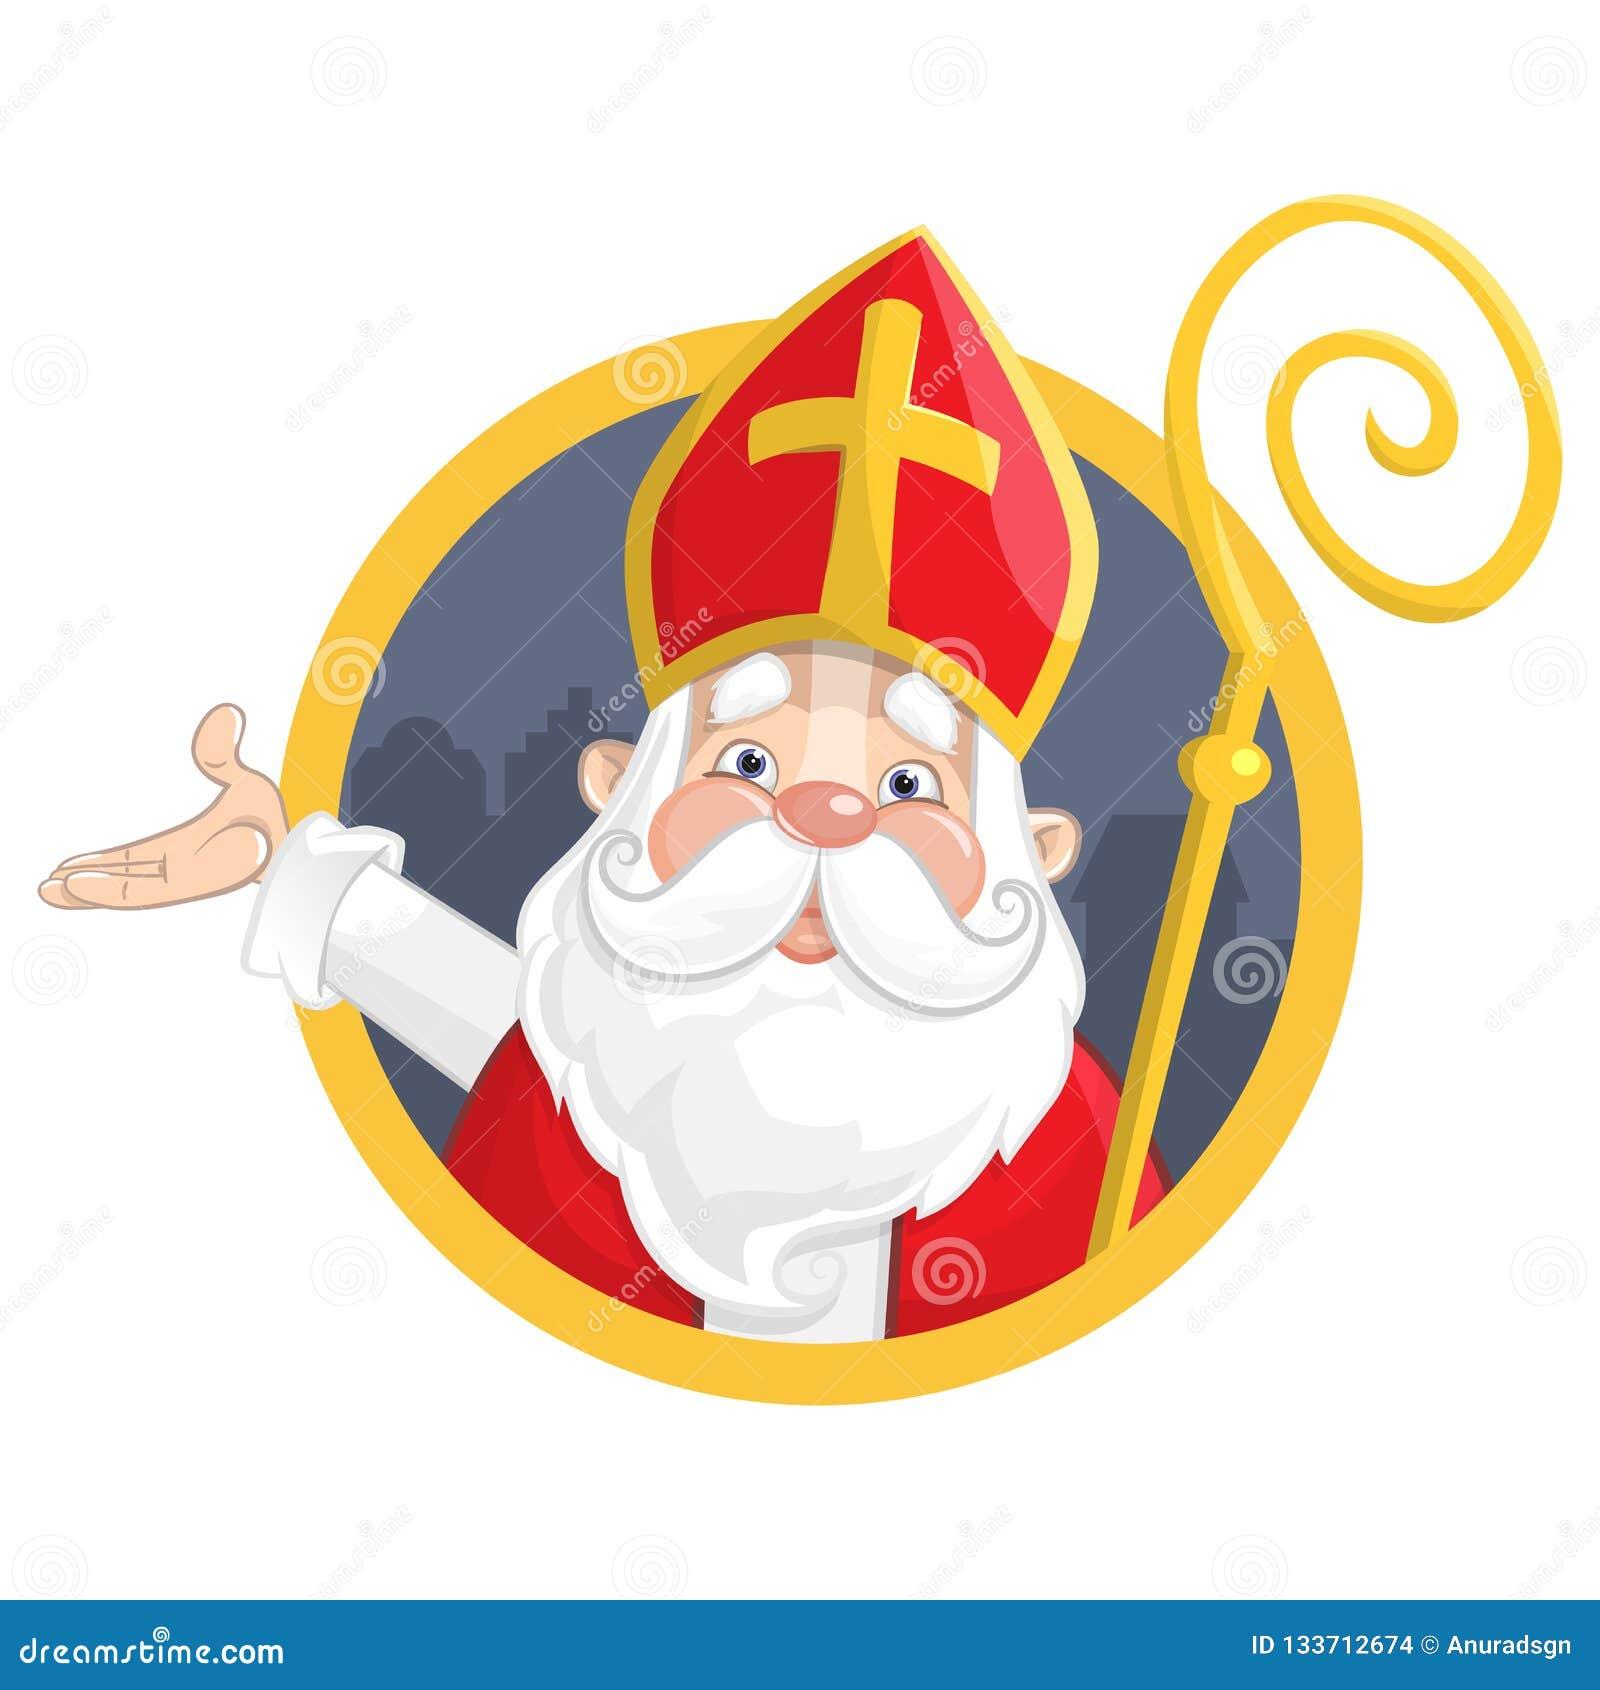 Άγιος Βασίλης ή Sinterklaas Πορτρέτο στο έμβλημα κύκλων - διανυσματική απεικόνιση που απομονώνεται στο άσπρο υπόβαθρο